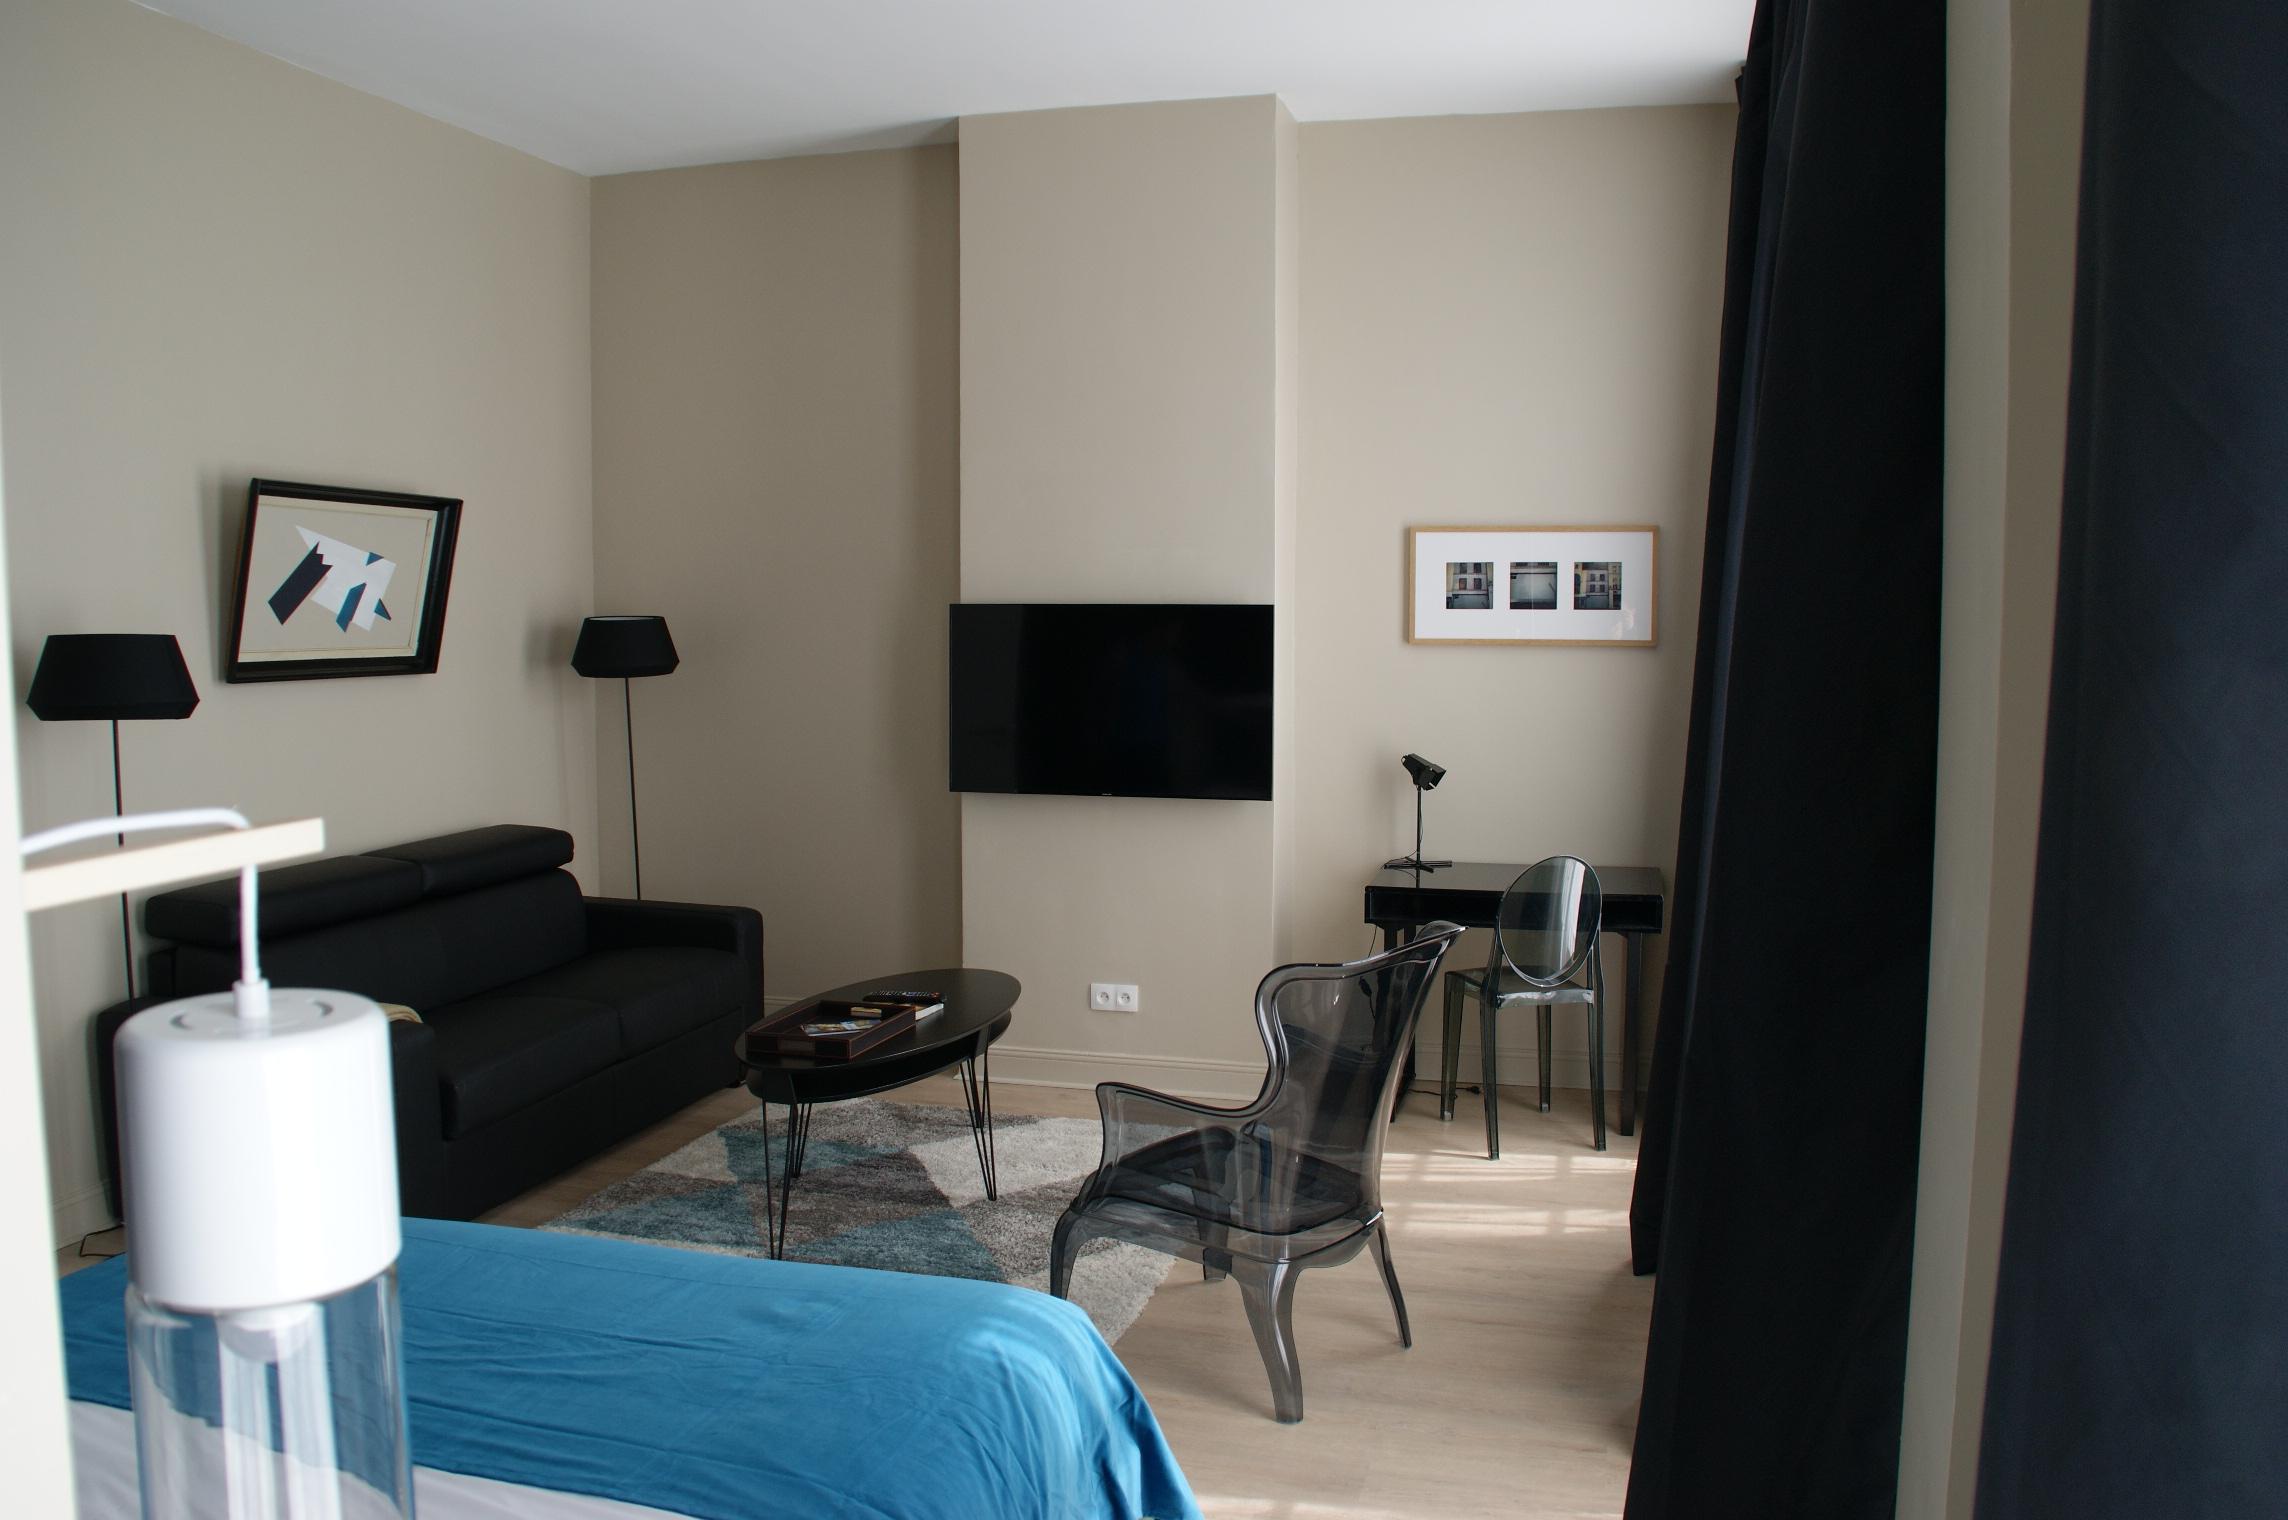 R novation d 39 un b timent pour chambres d 39 h tes arras - Renovation chambre ...